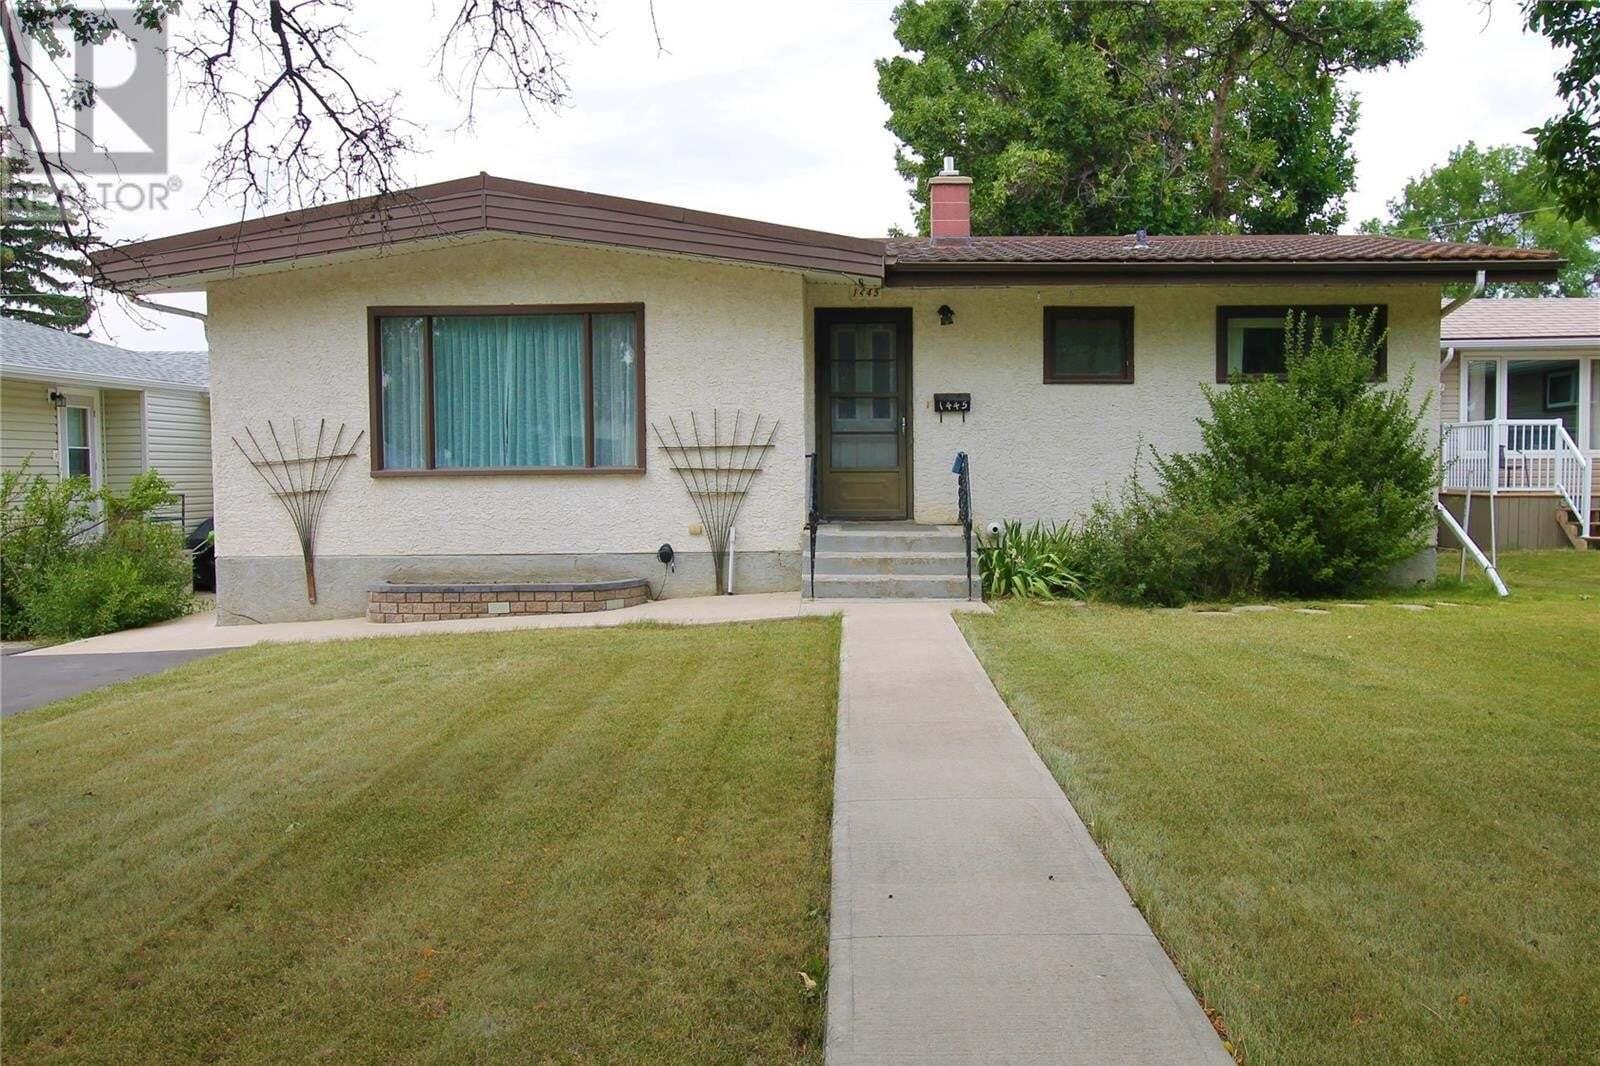 House for sale at 1445 Ashley Dr Swift Current Saskatchewan - MLS: SK821772